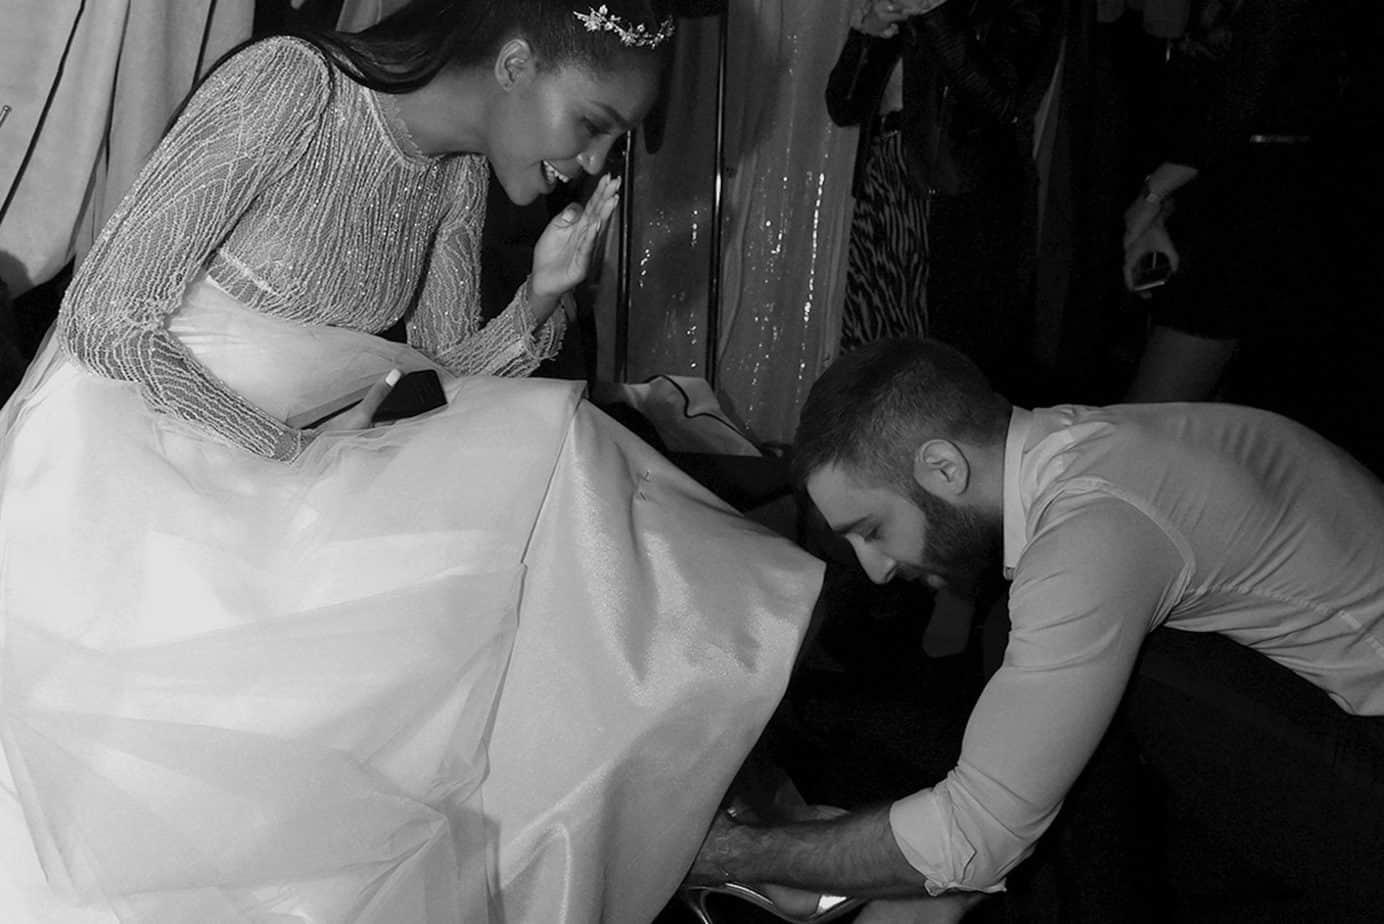 טיטי איינאו בשמלת כלה של שאדי עבד, אופנה, חדשות אופנה, כתבות אופנה, Fashiom Magazine, Fashion, Efifo ,מגזין אופנה, מגזין אופנה ישראלי, מגזיני אופנה ישראלים-